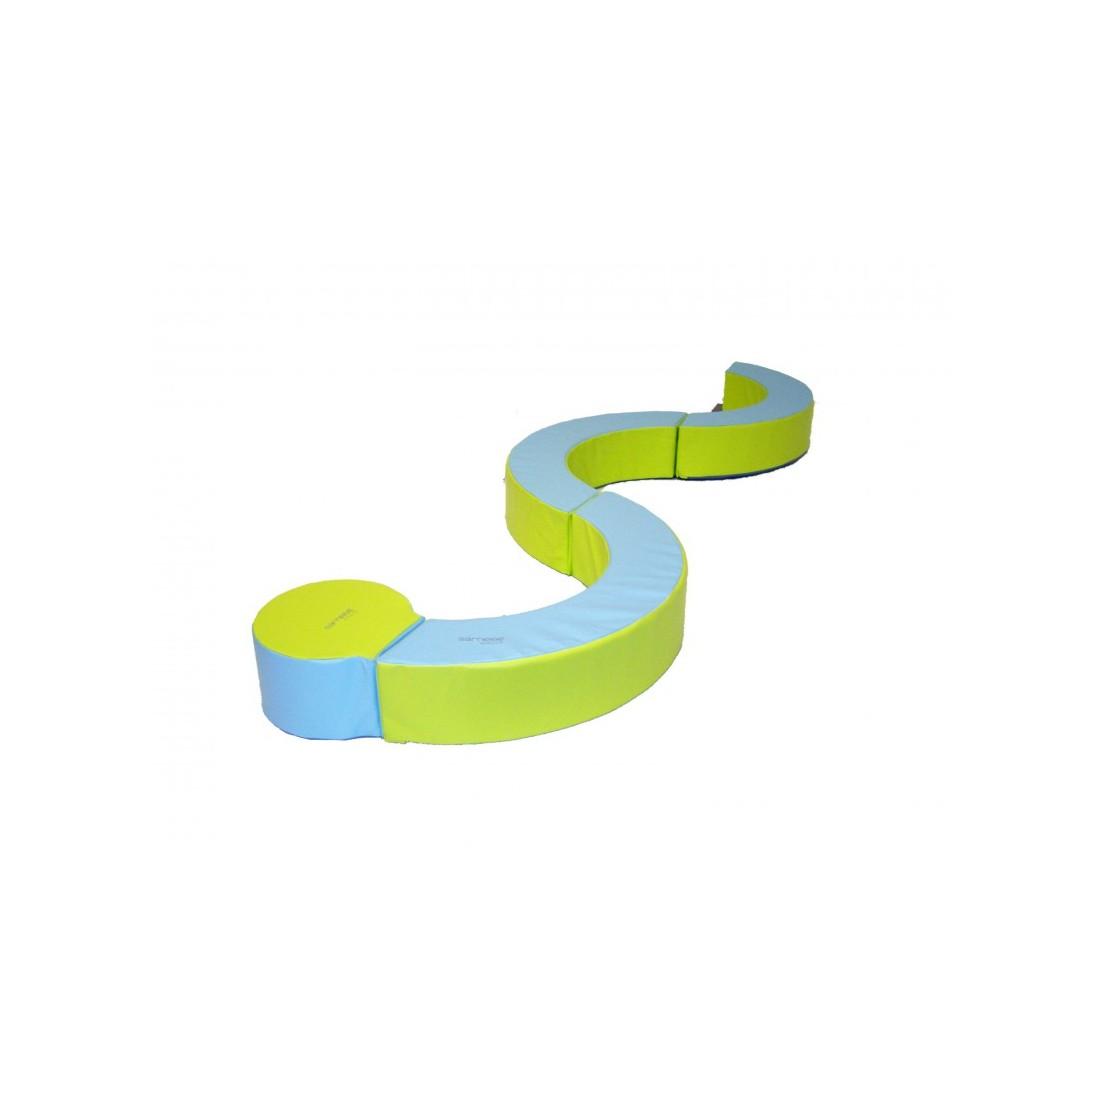 Kit serpent mousse Sarneige de motricité. Ensemble de modules de motricité serpent de Sarneige.